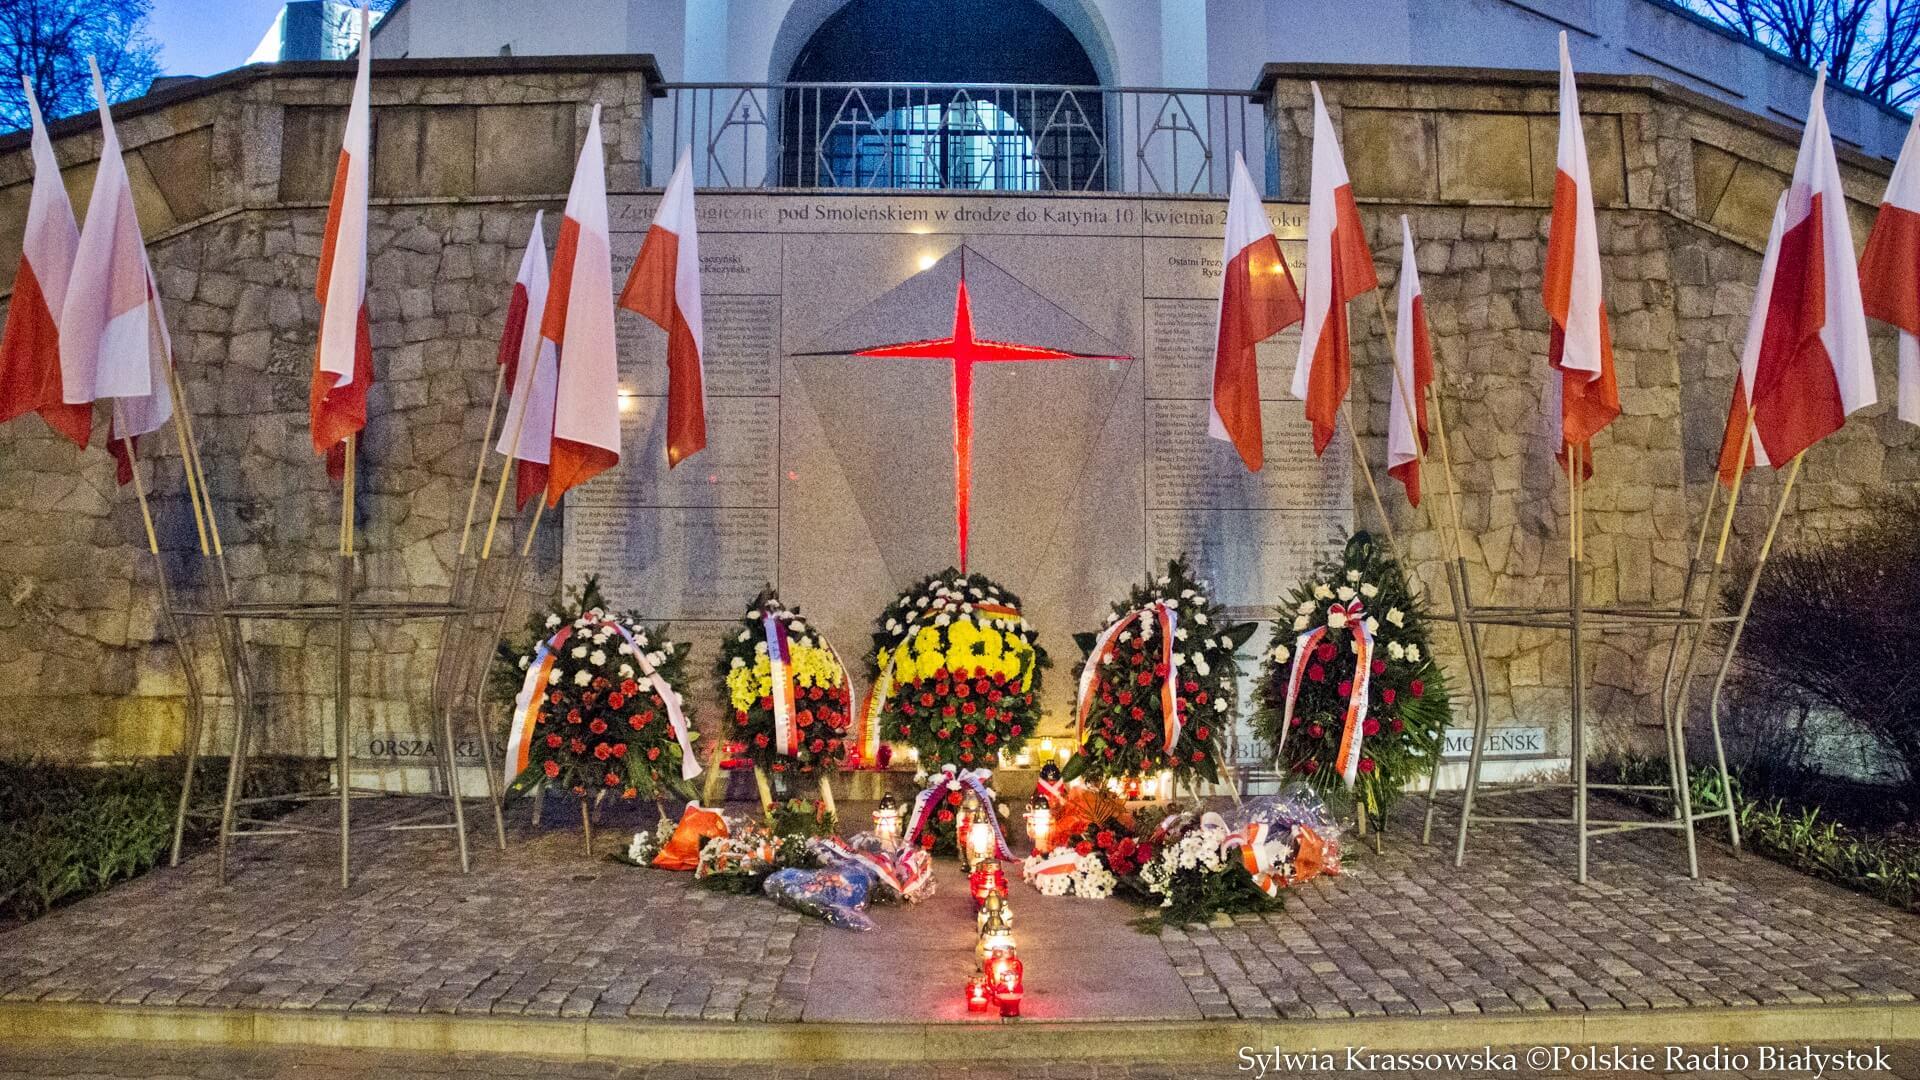 Uroczystości 9. rocznicy katastrofy smoleńskiej w Białymstoku, fot. Sylwia Krassowska